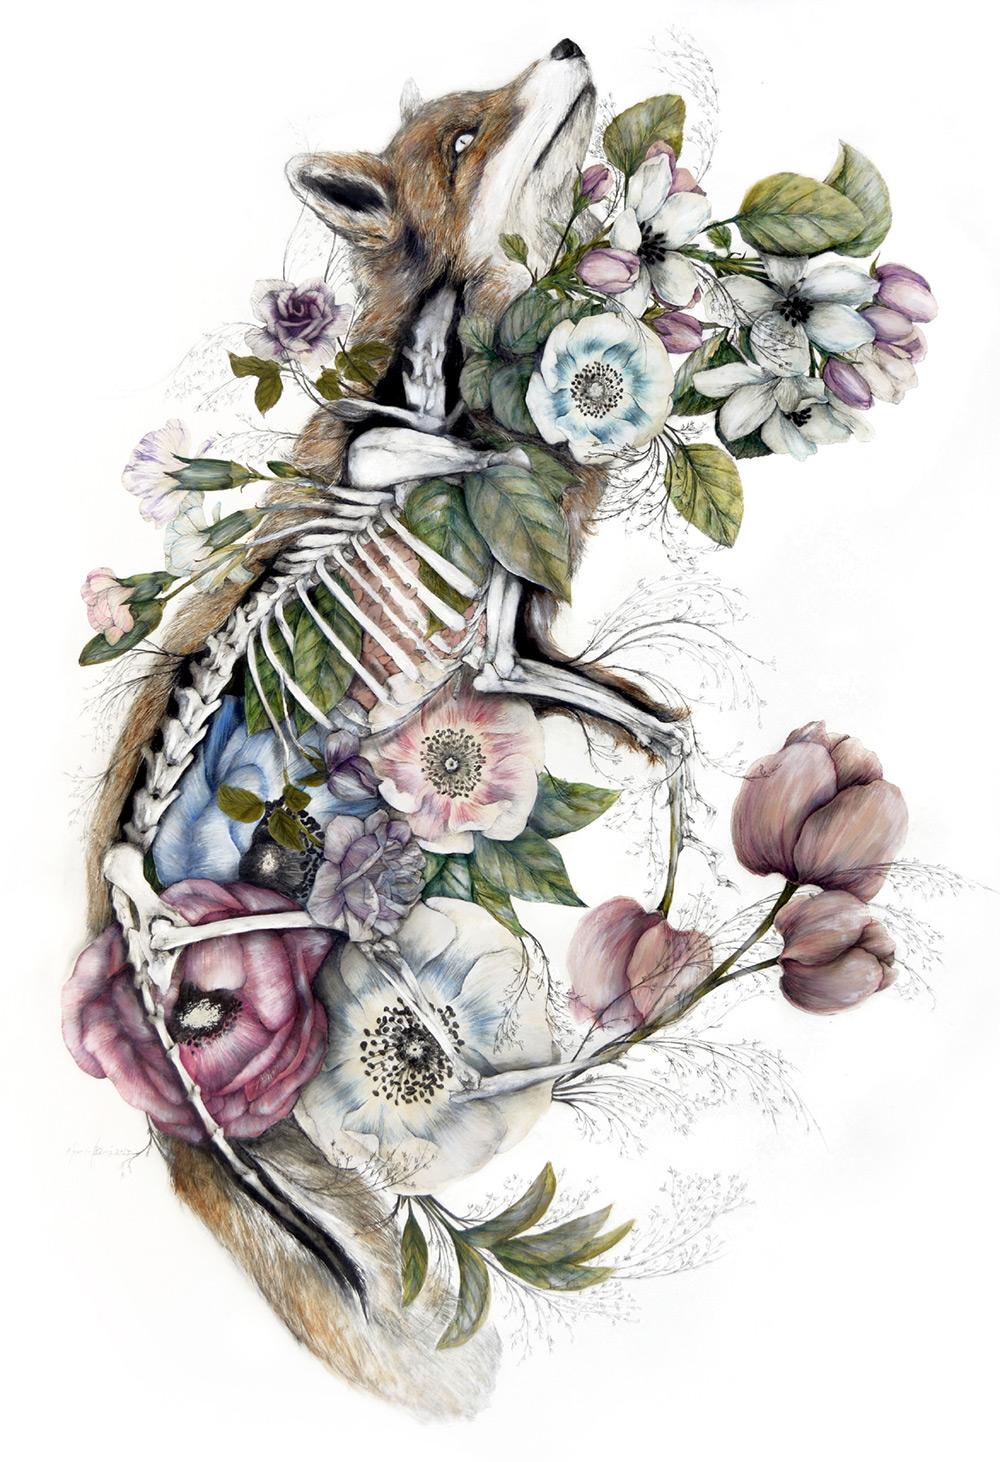 Mimesis: New Anatomical Paintings Depicting Flora and Fauna by Nunzio Paci Artes & contextos NunzioPaci 03